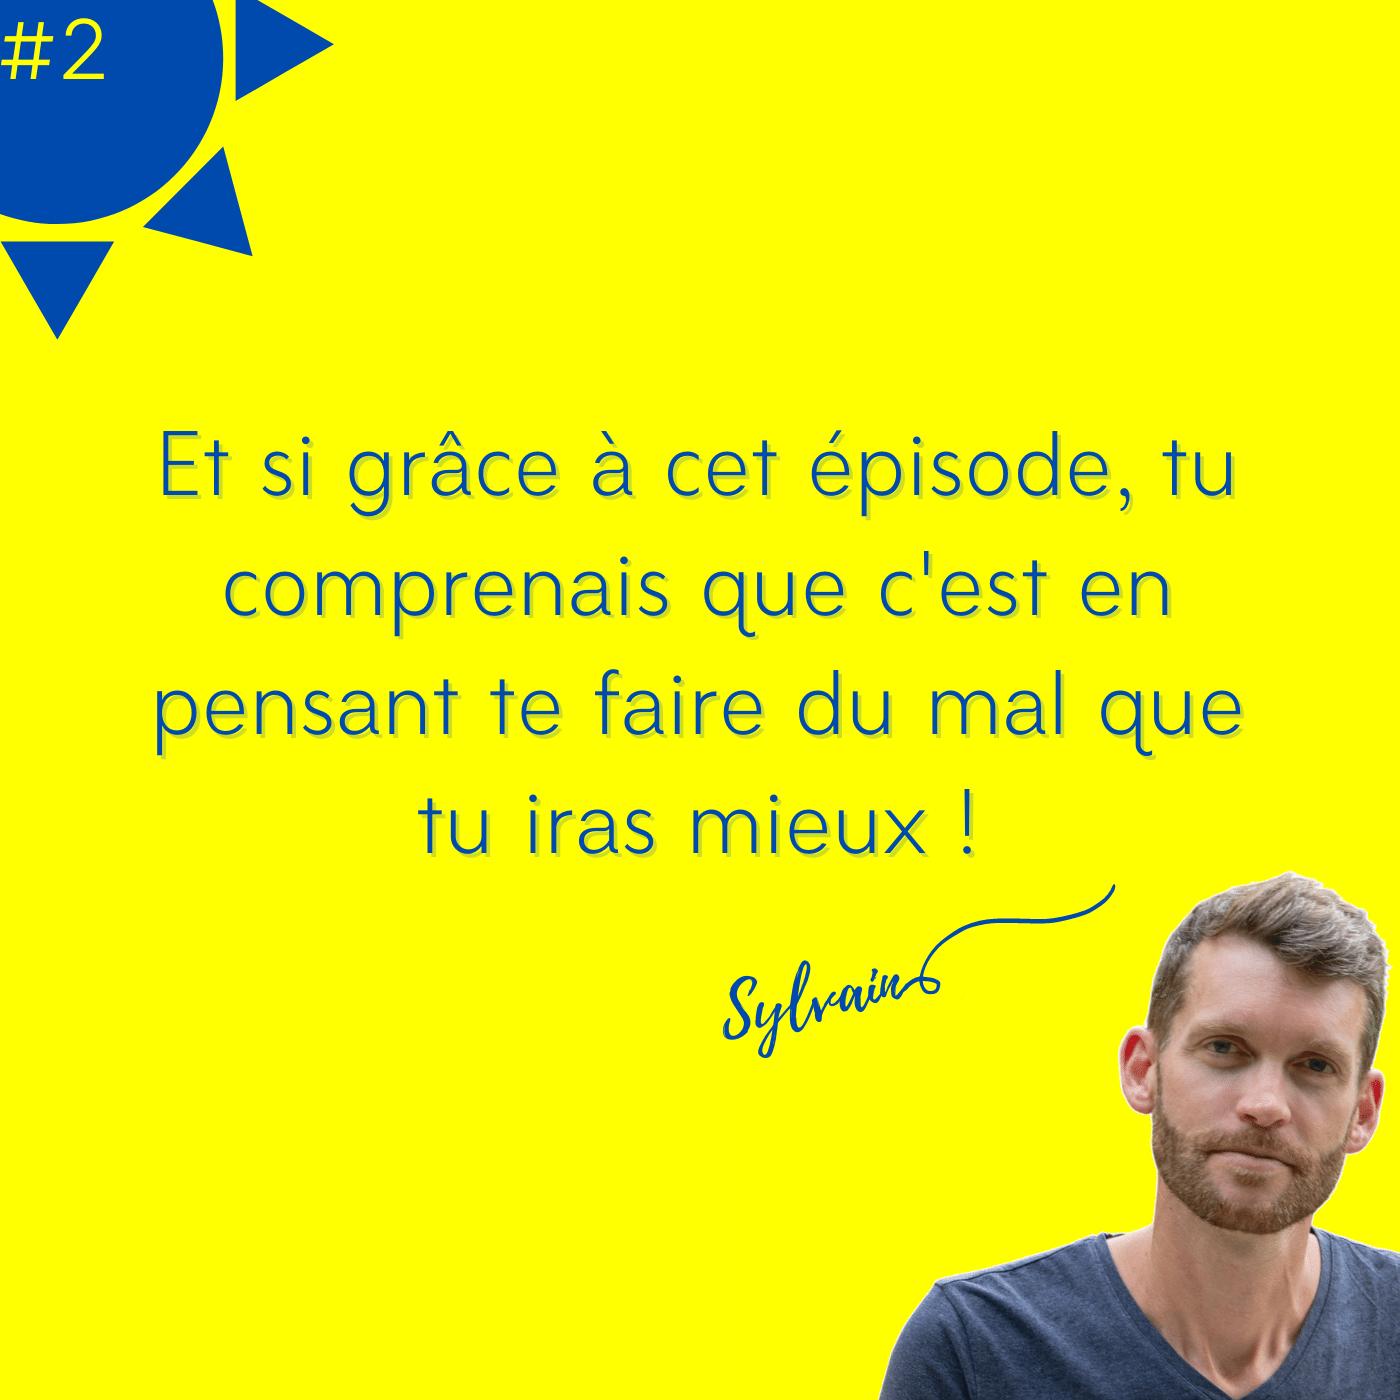 episode S1E84